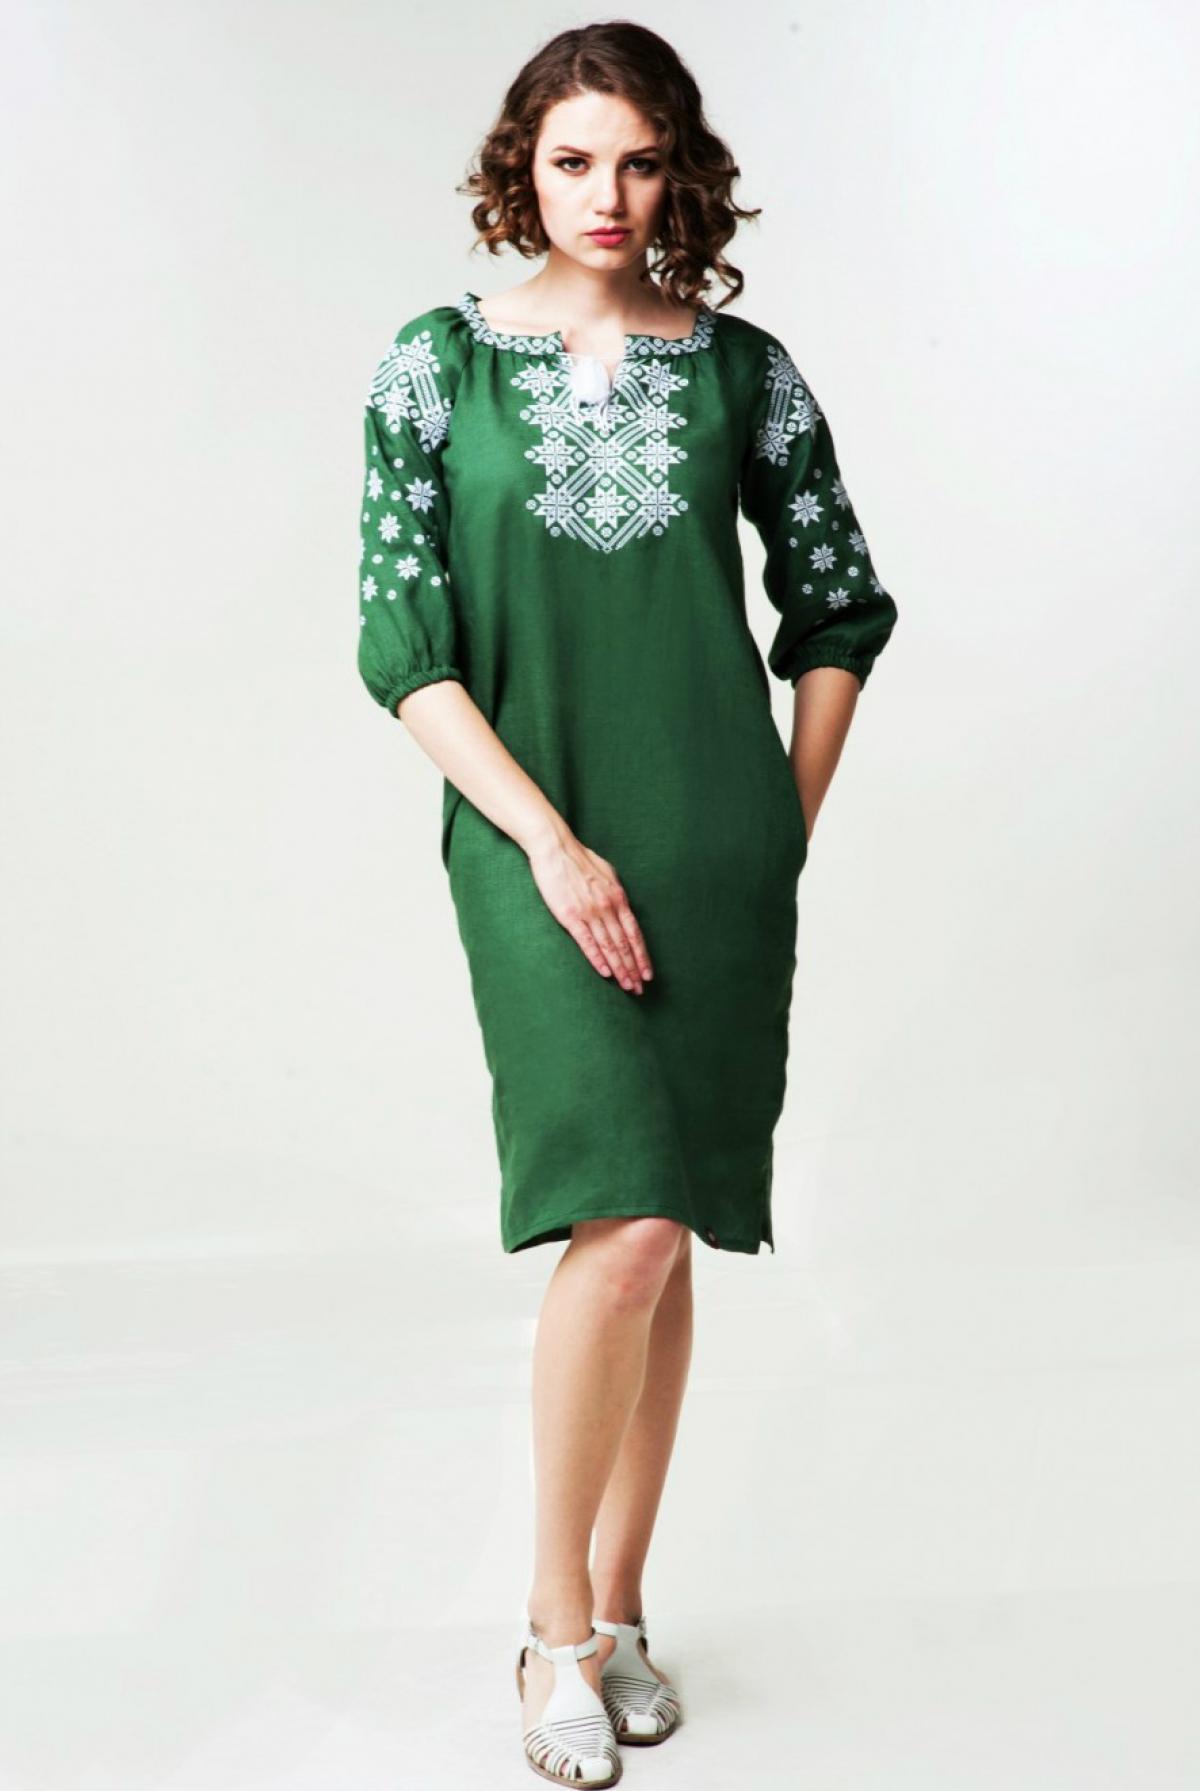 Зелена лляна вишита жіноча сукня. Фото №2. | Народний дім Україна